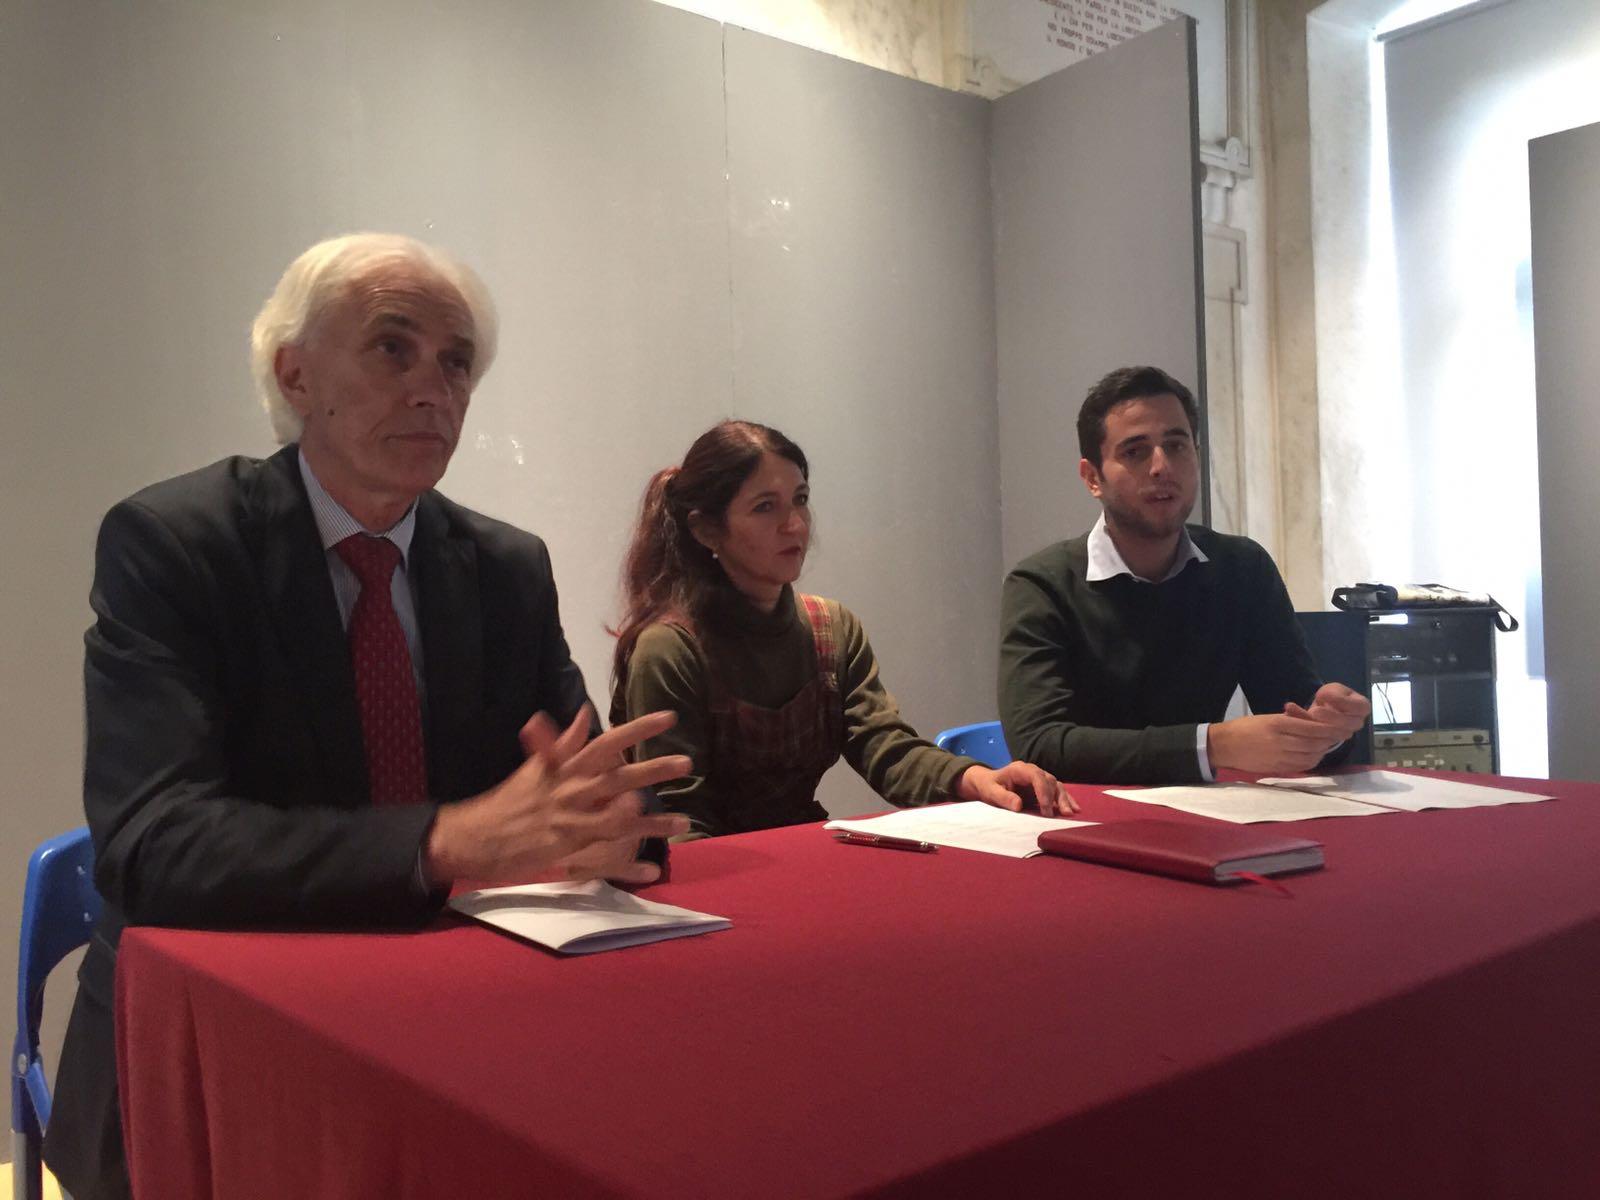 Paolini, Cristicchi e un omaggio a Dario Fo. Al via la stagione teatrale alle Scuderie